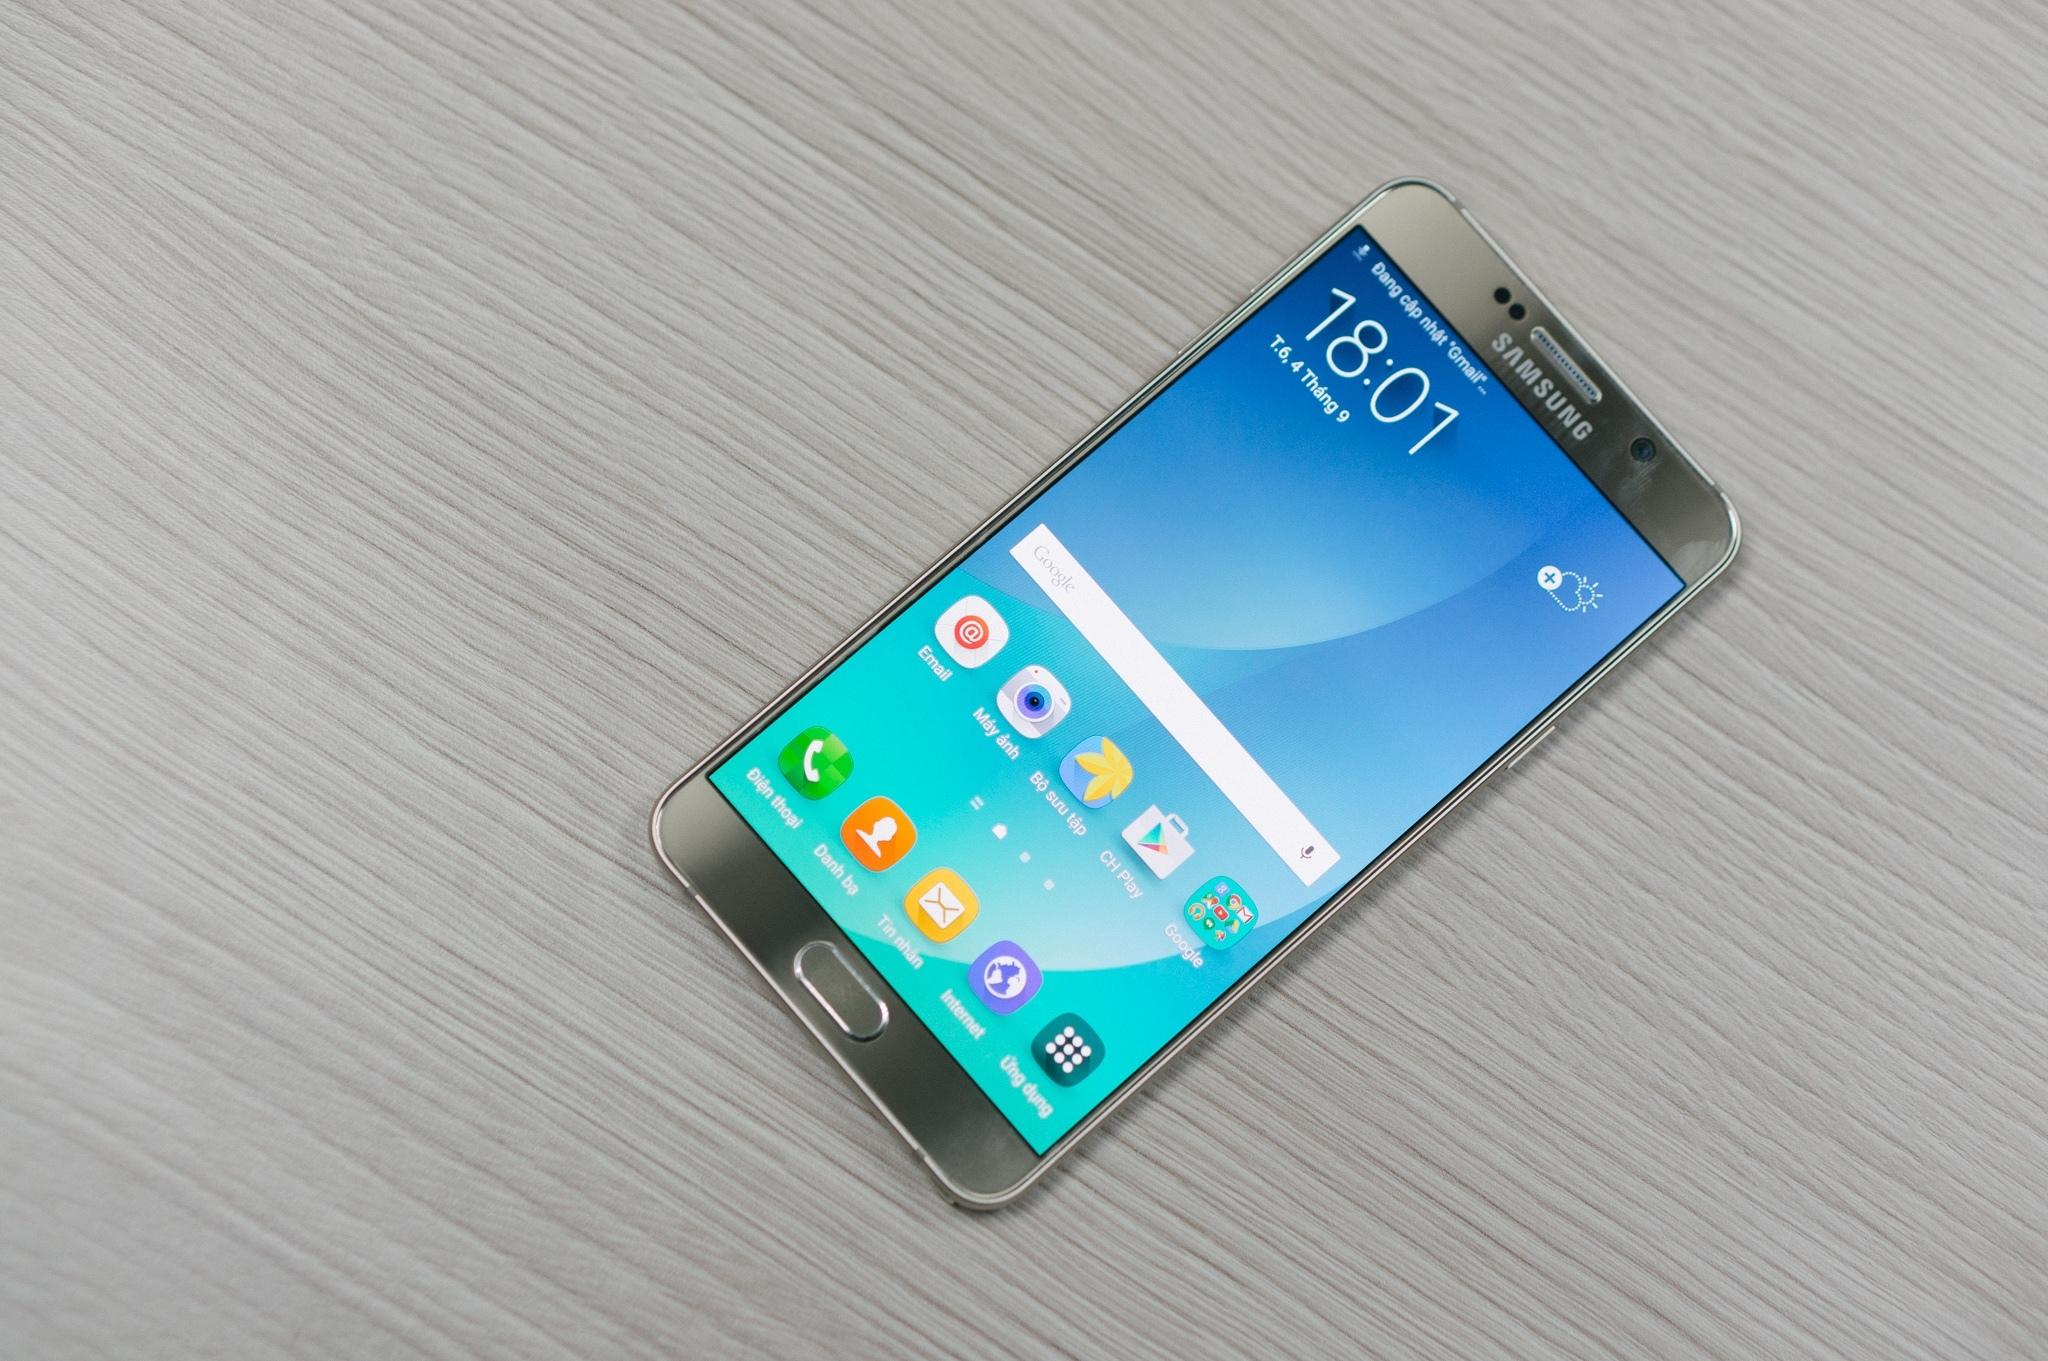 Galaxy Note 5 thiết kế tinh xảo công nghệ đỉnh